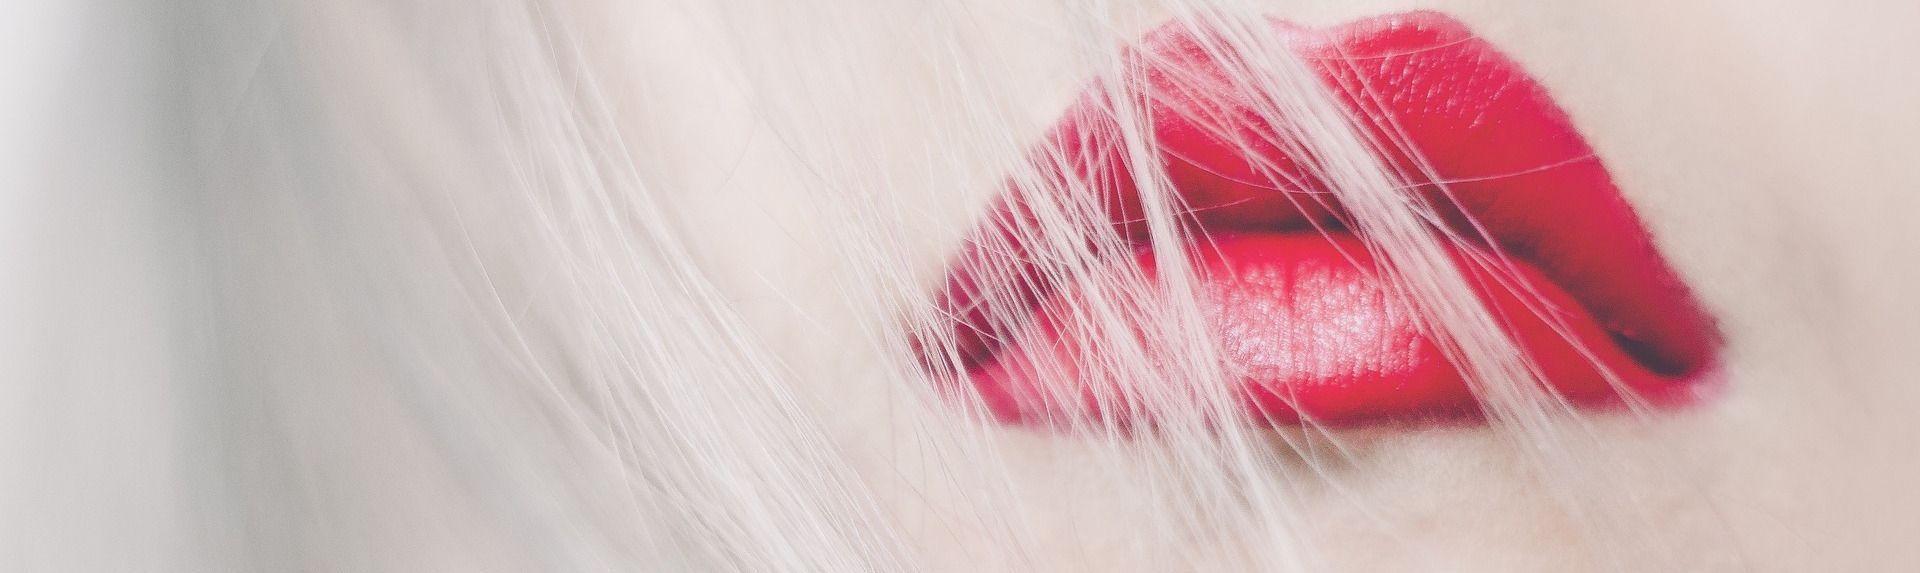 Гирсутизм при менопаузе